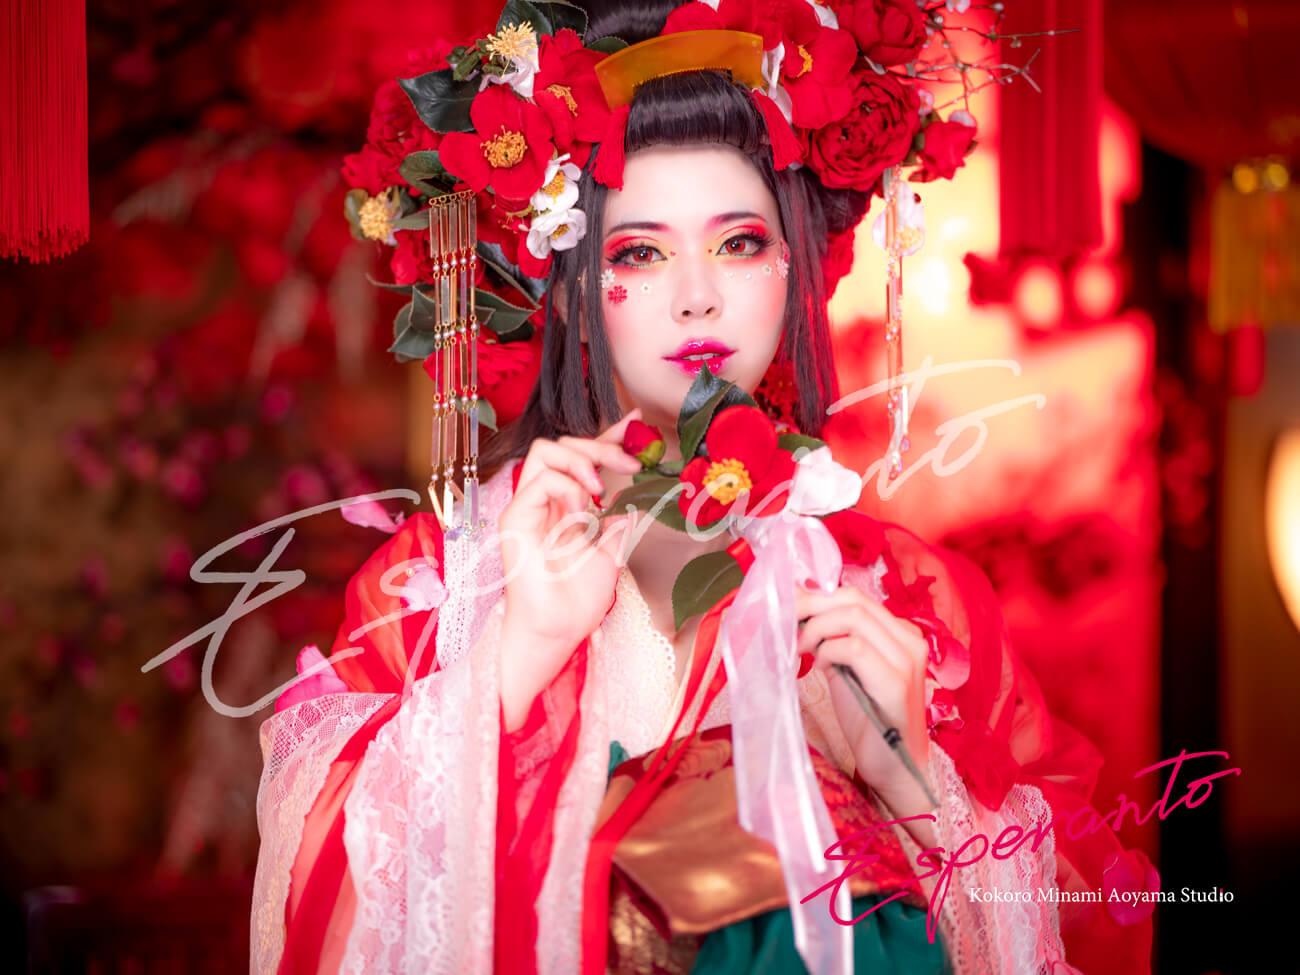 椿雪姫 キャンペーン